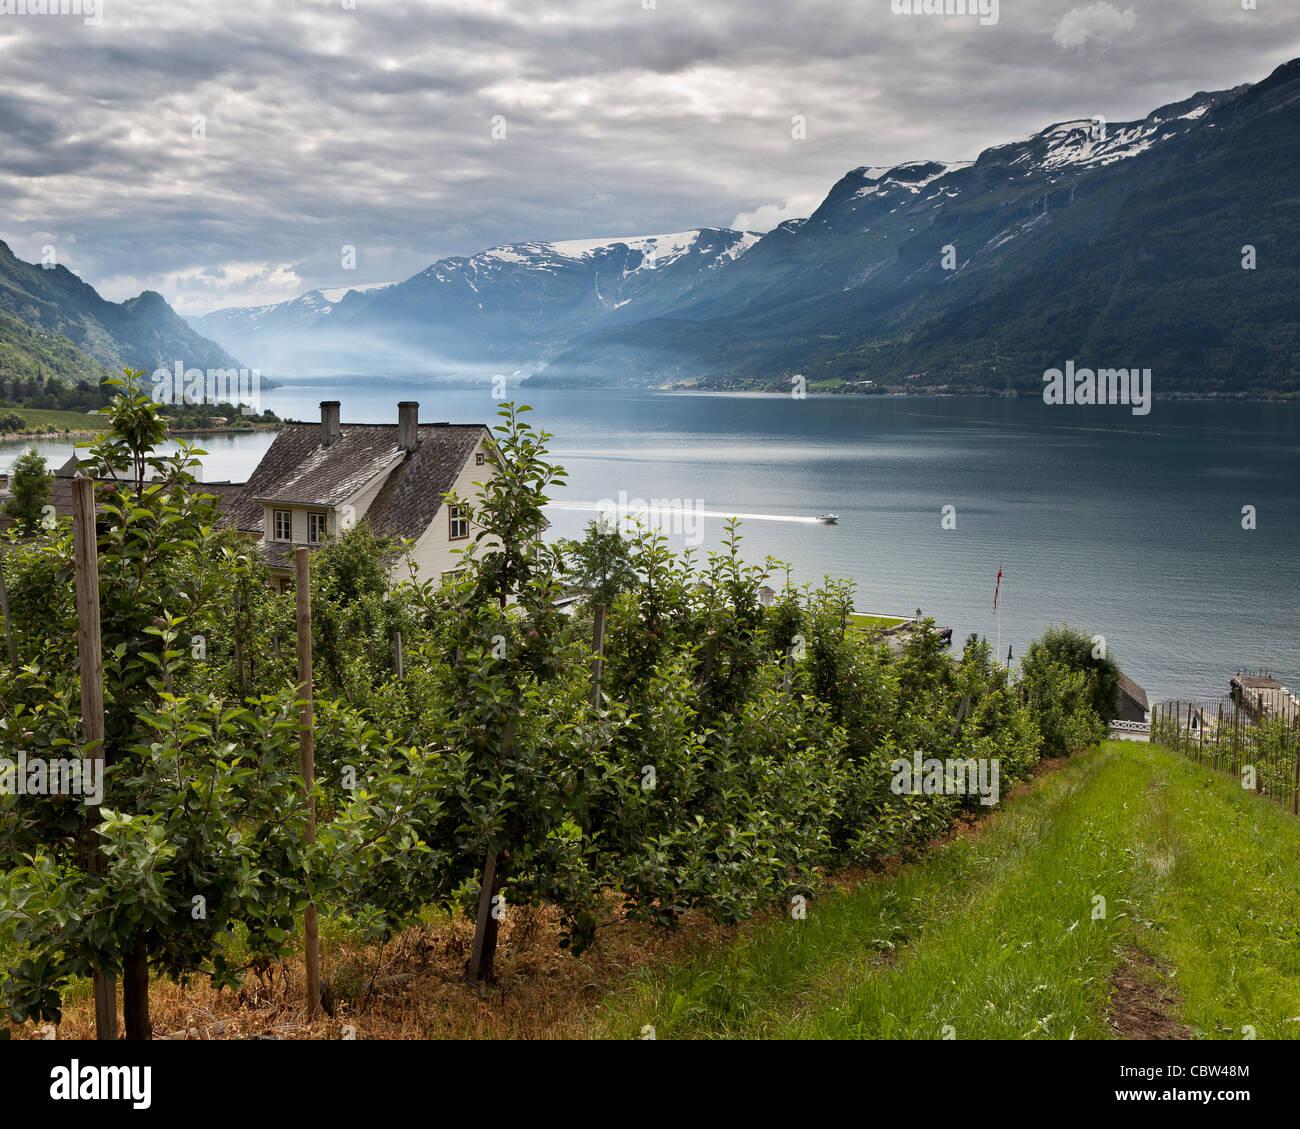 Apple Orchard, Lofthus, Ullensvang, Norwegen Stockbild